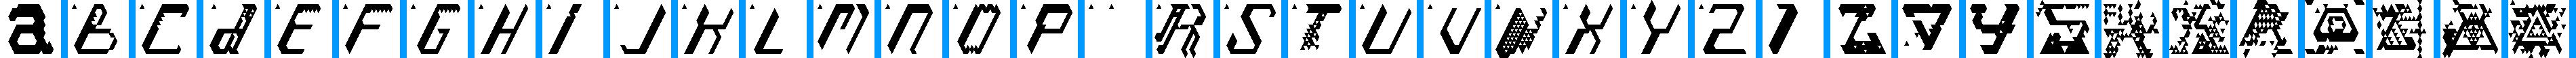 Particip-a-type v.268